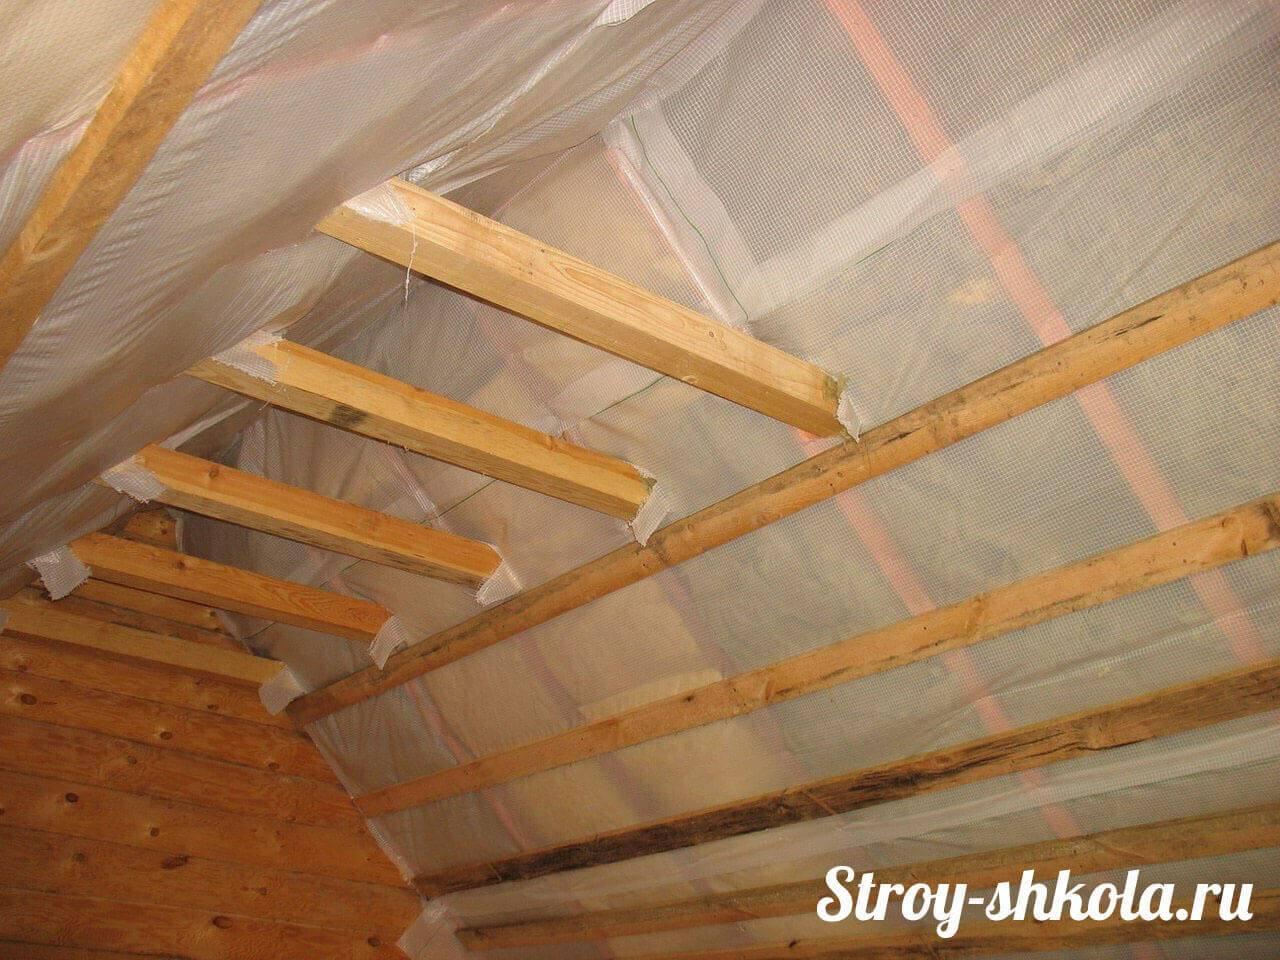 Утепление крыши пенопластом: можно ли использовать, все за и против